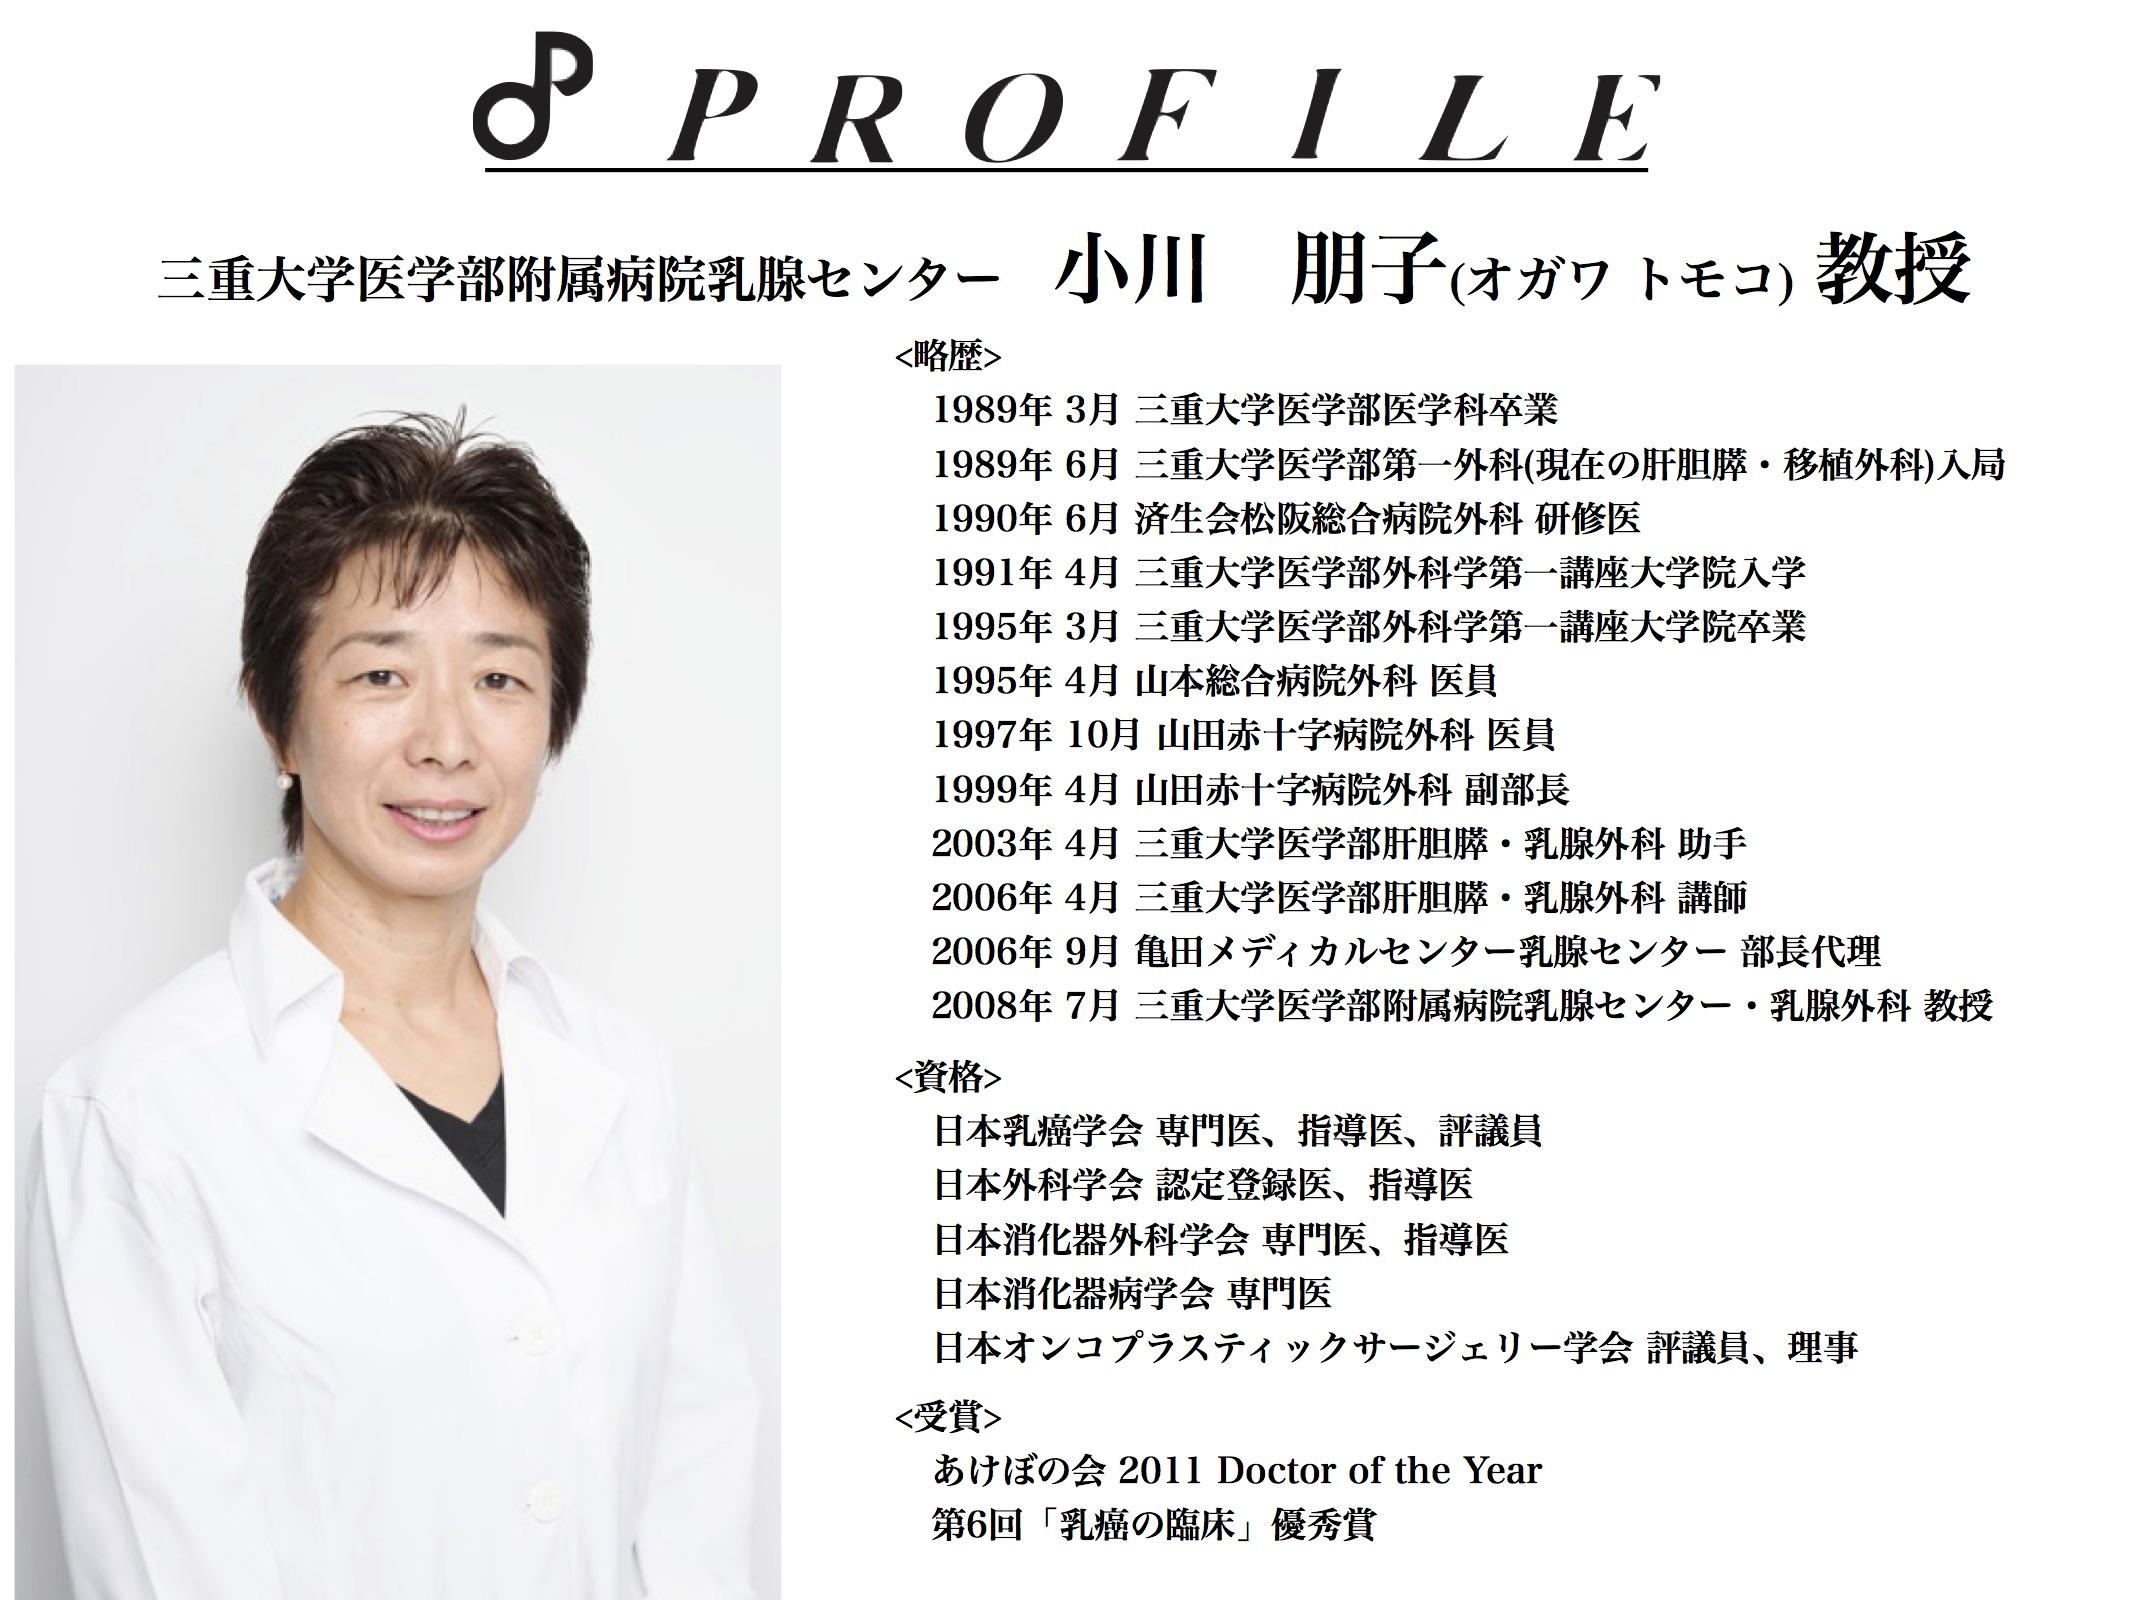 Prof.ogawa-prof